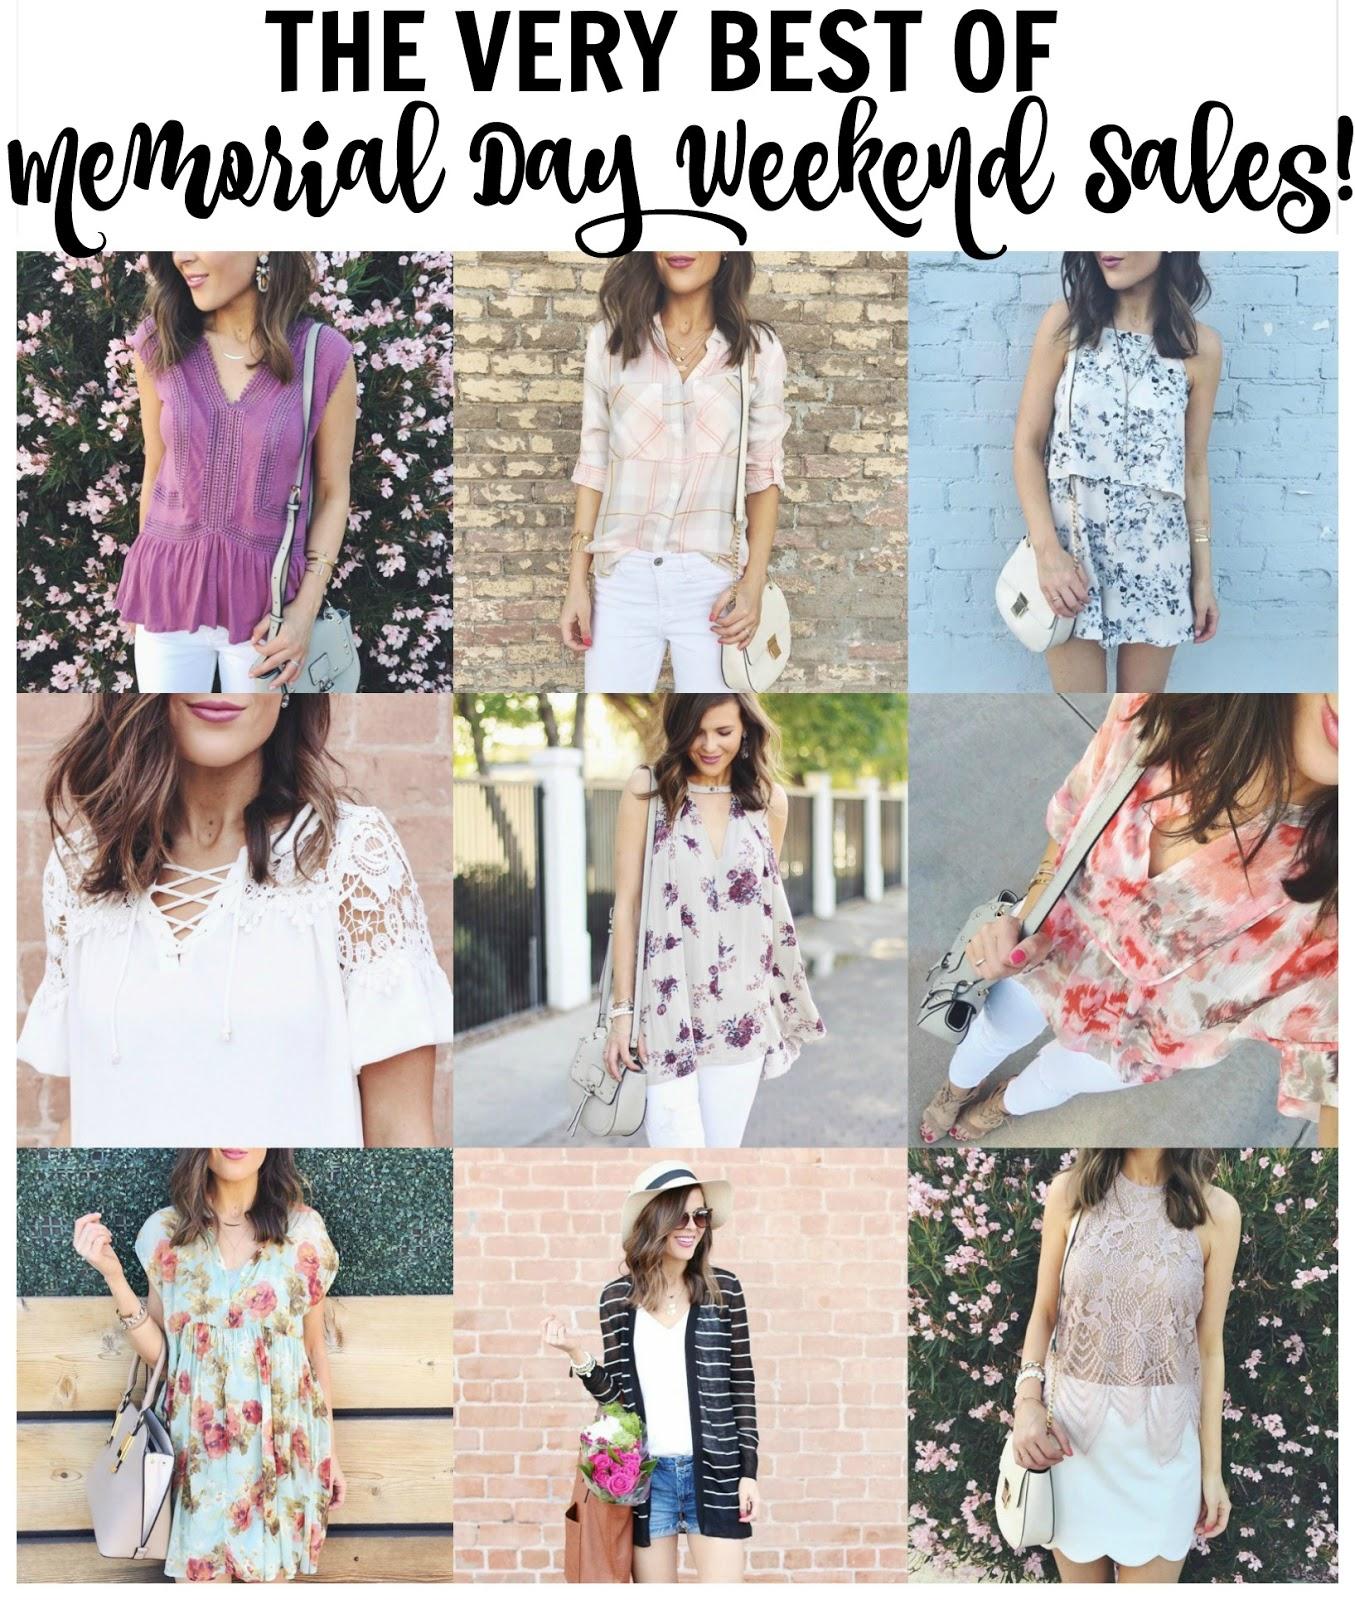 Memorial Day Weekend Sales!